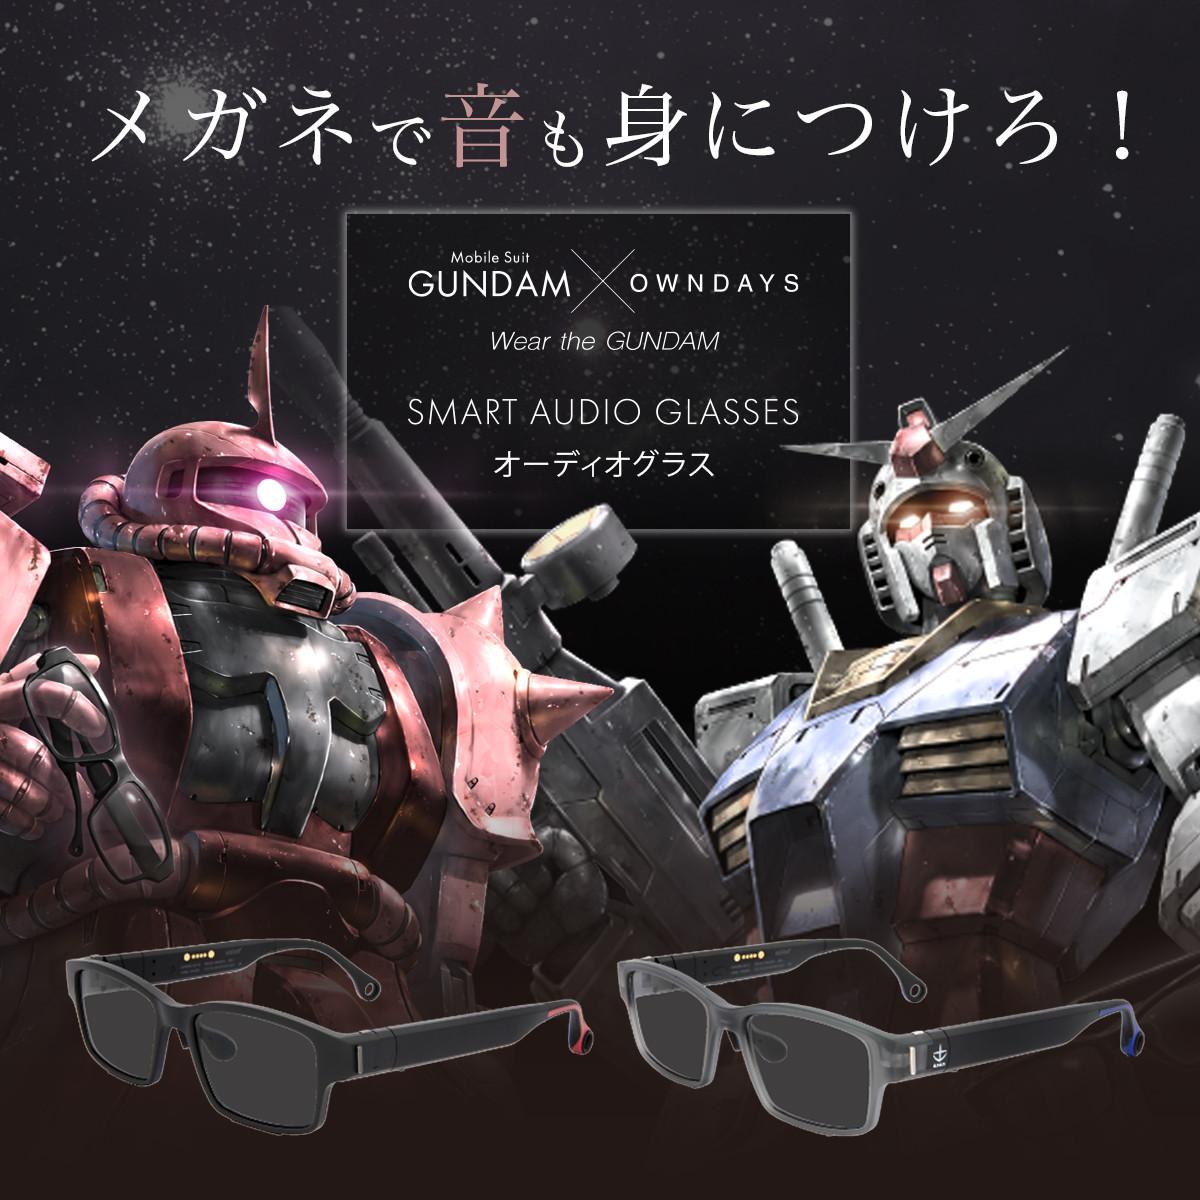 [GUNDAM × OWNDAYS] オーディオグラス